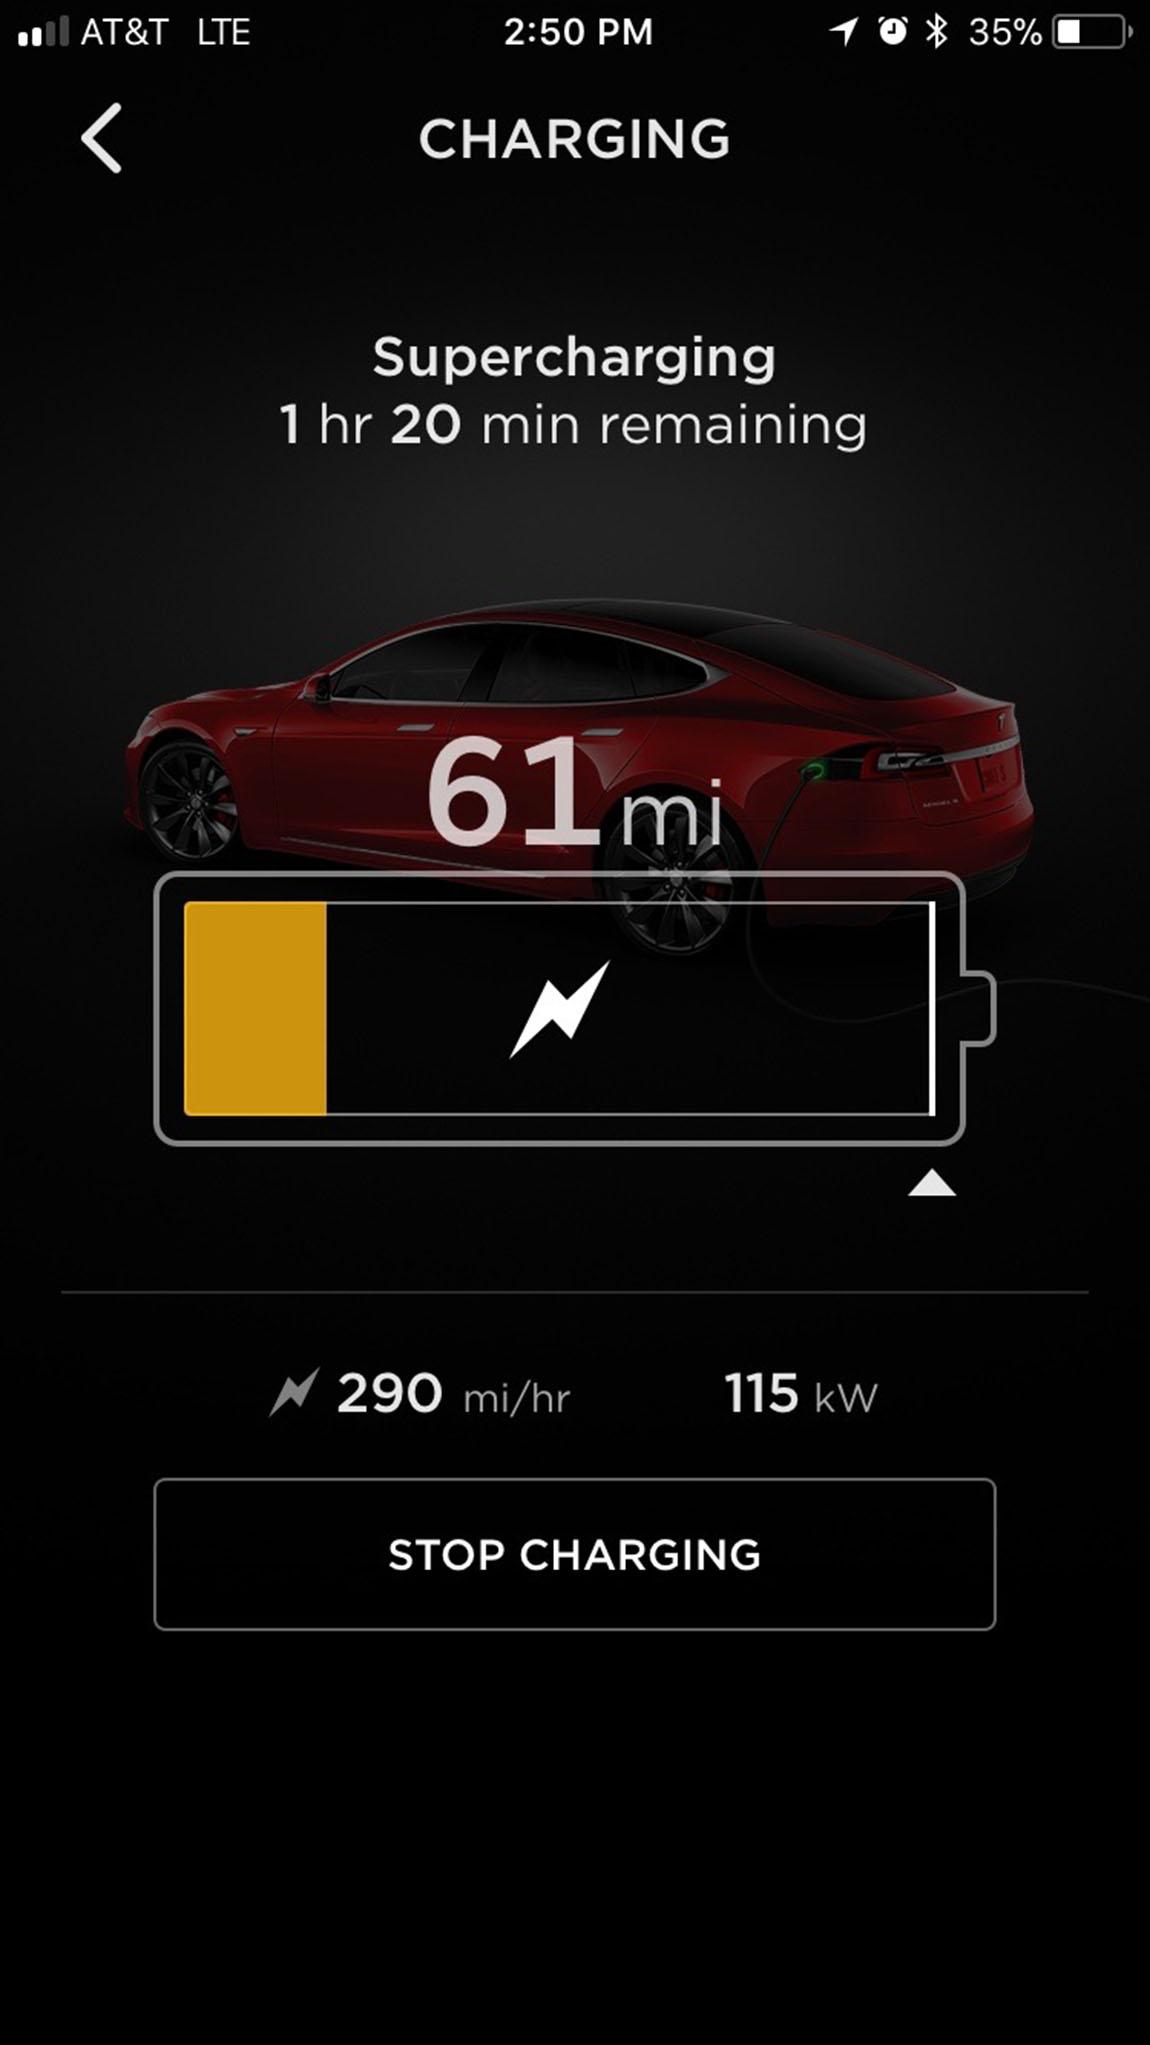 テスラアプリの画面:航続距離61マイル